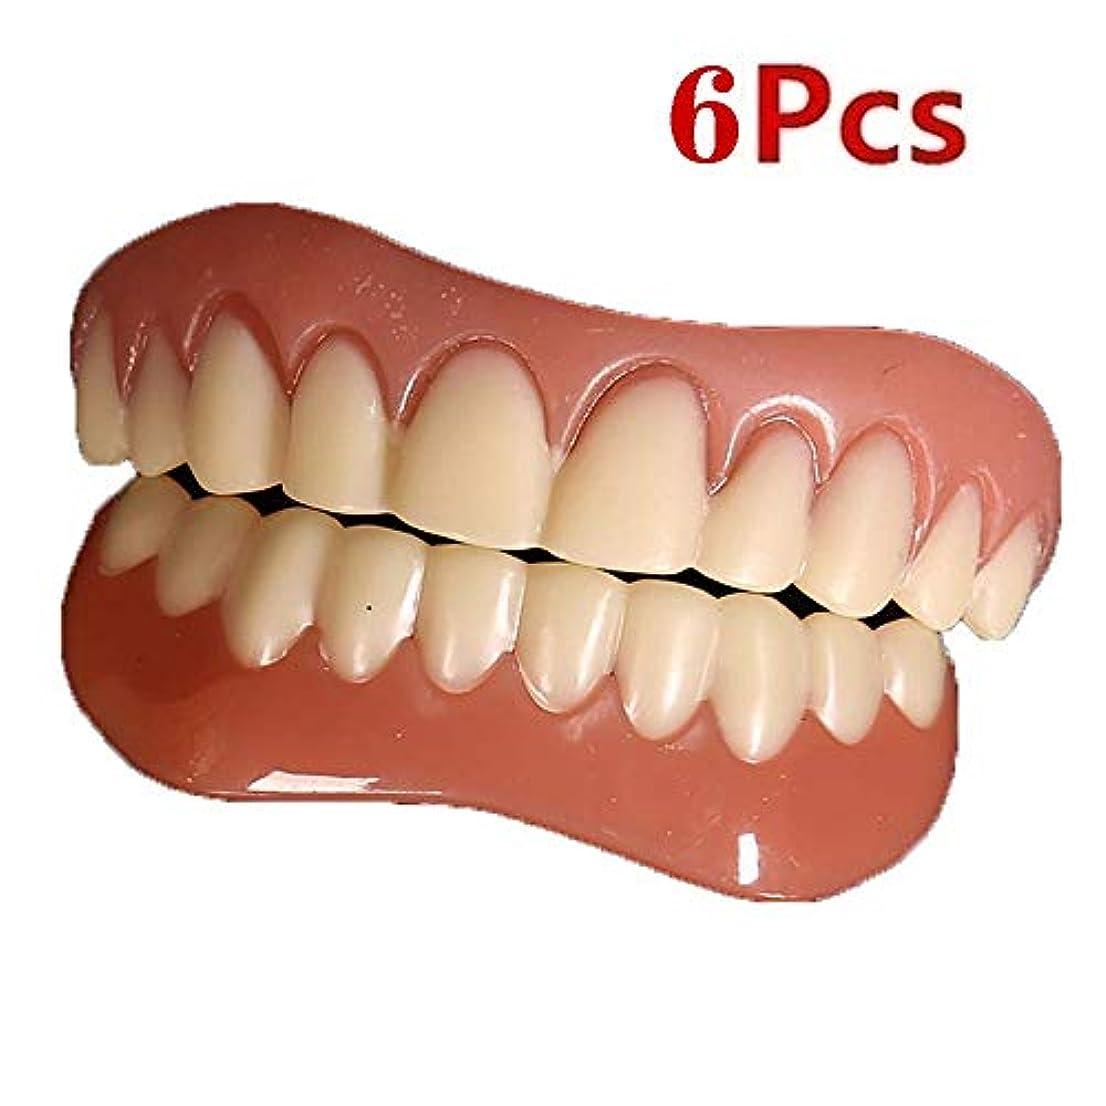 エレベーターリットルピック6個のインスタントスマイルの歯アッパーロアーベニアの快適さフィットの歯のベニヤ、ワンサイズは数分以内に自宅であなたの笑顔を直す